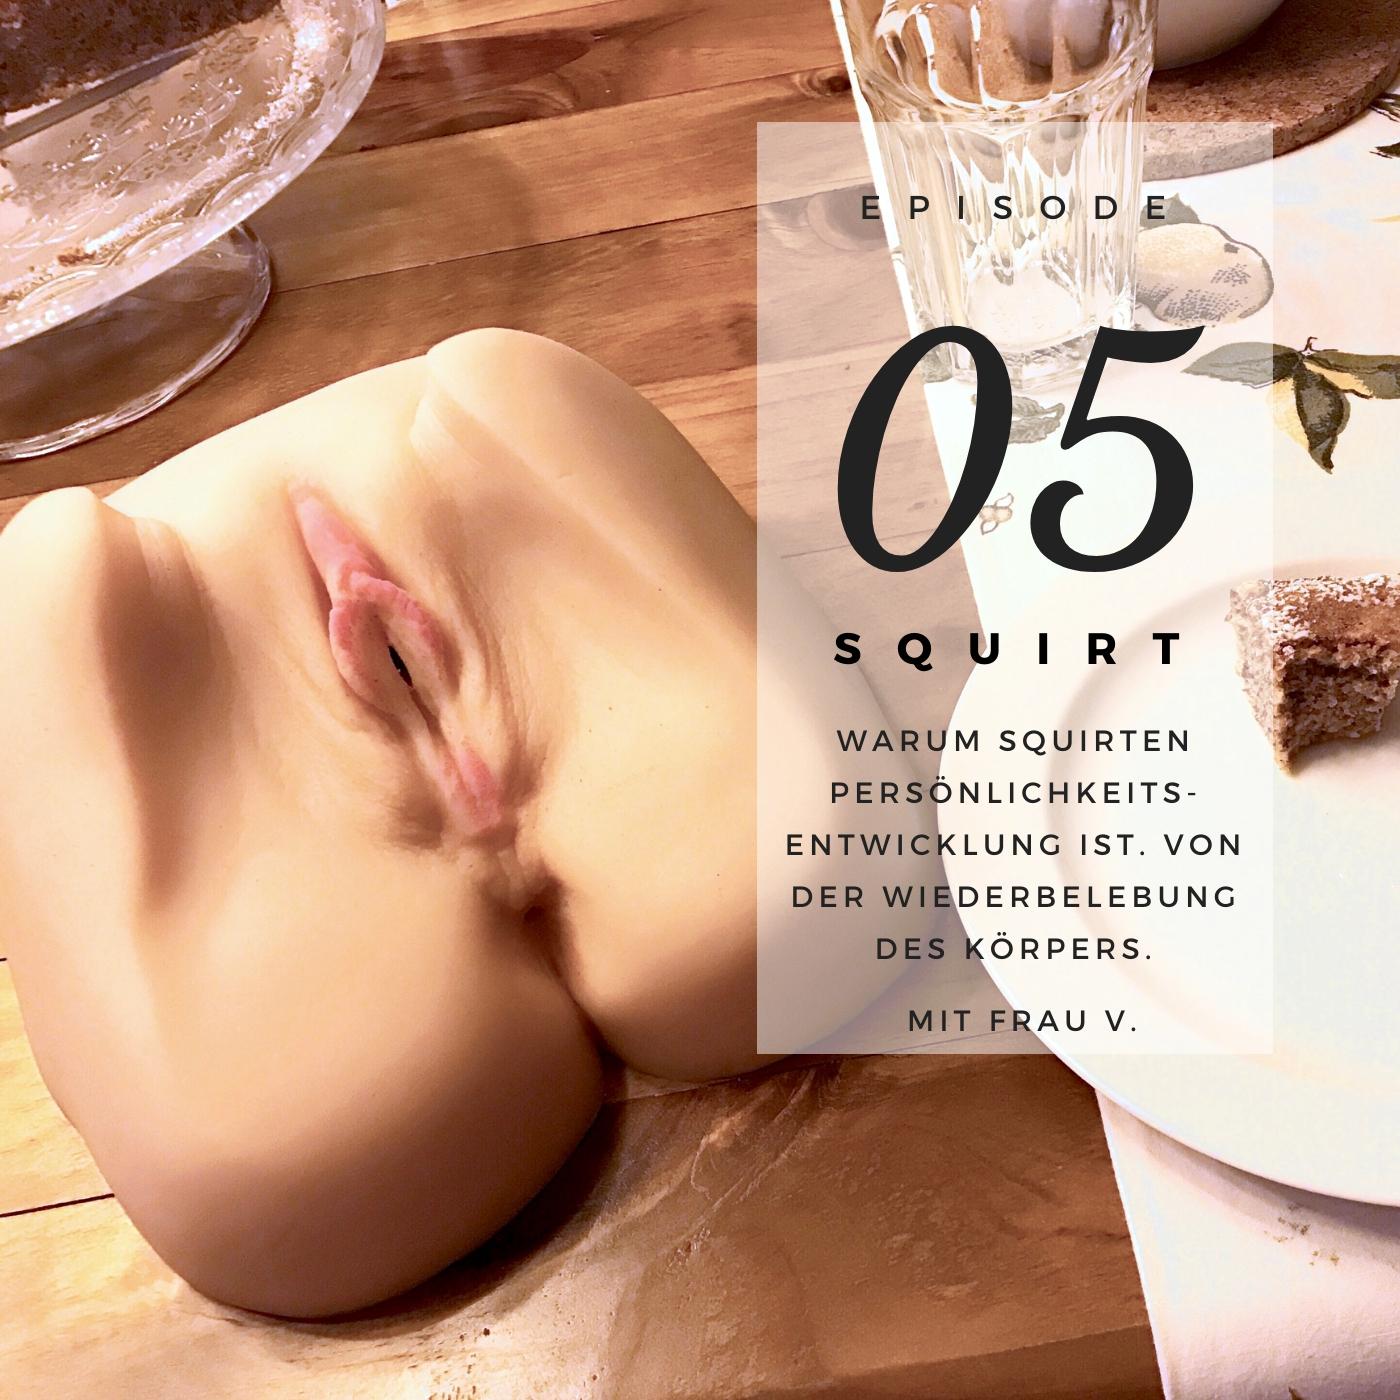 Warum Squirten Frauen